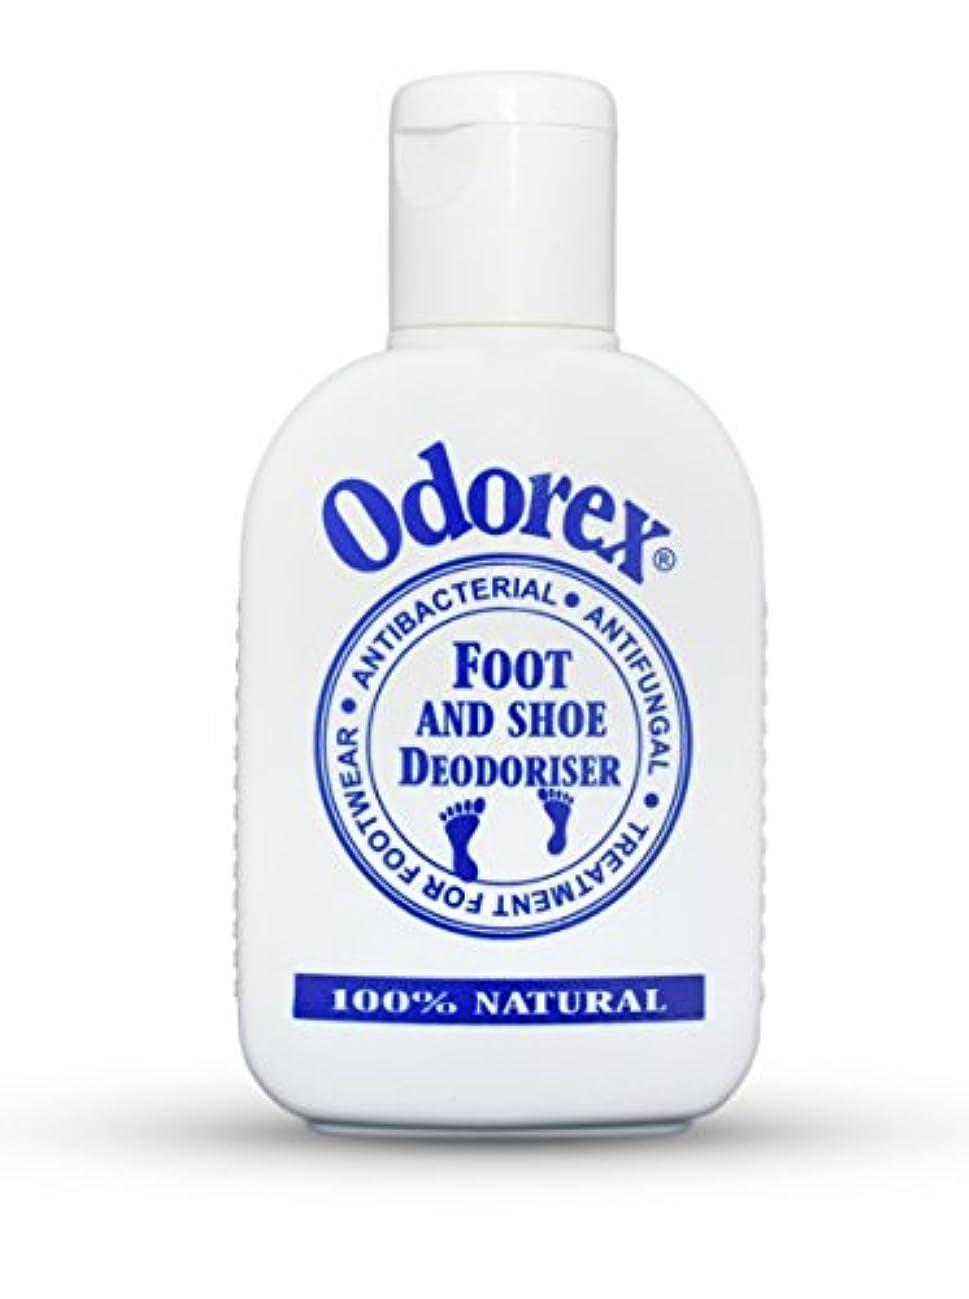 のため卵わざわざオダエックス100% ナチュラル 靴用除菌?防菌?消臭パウダー30g